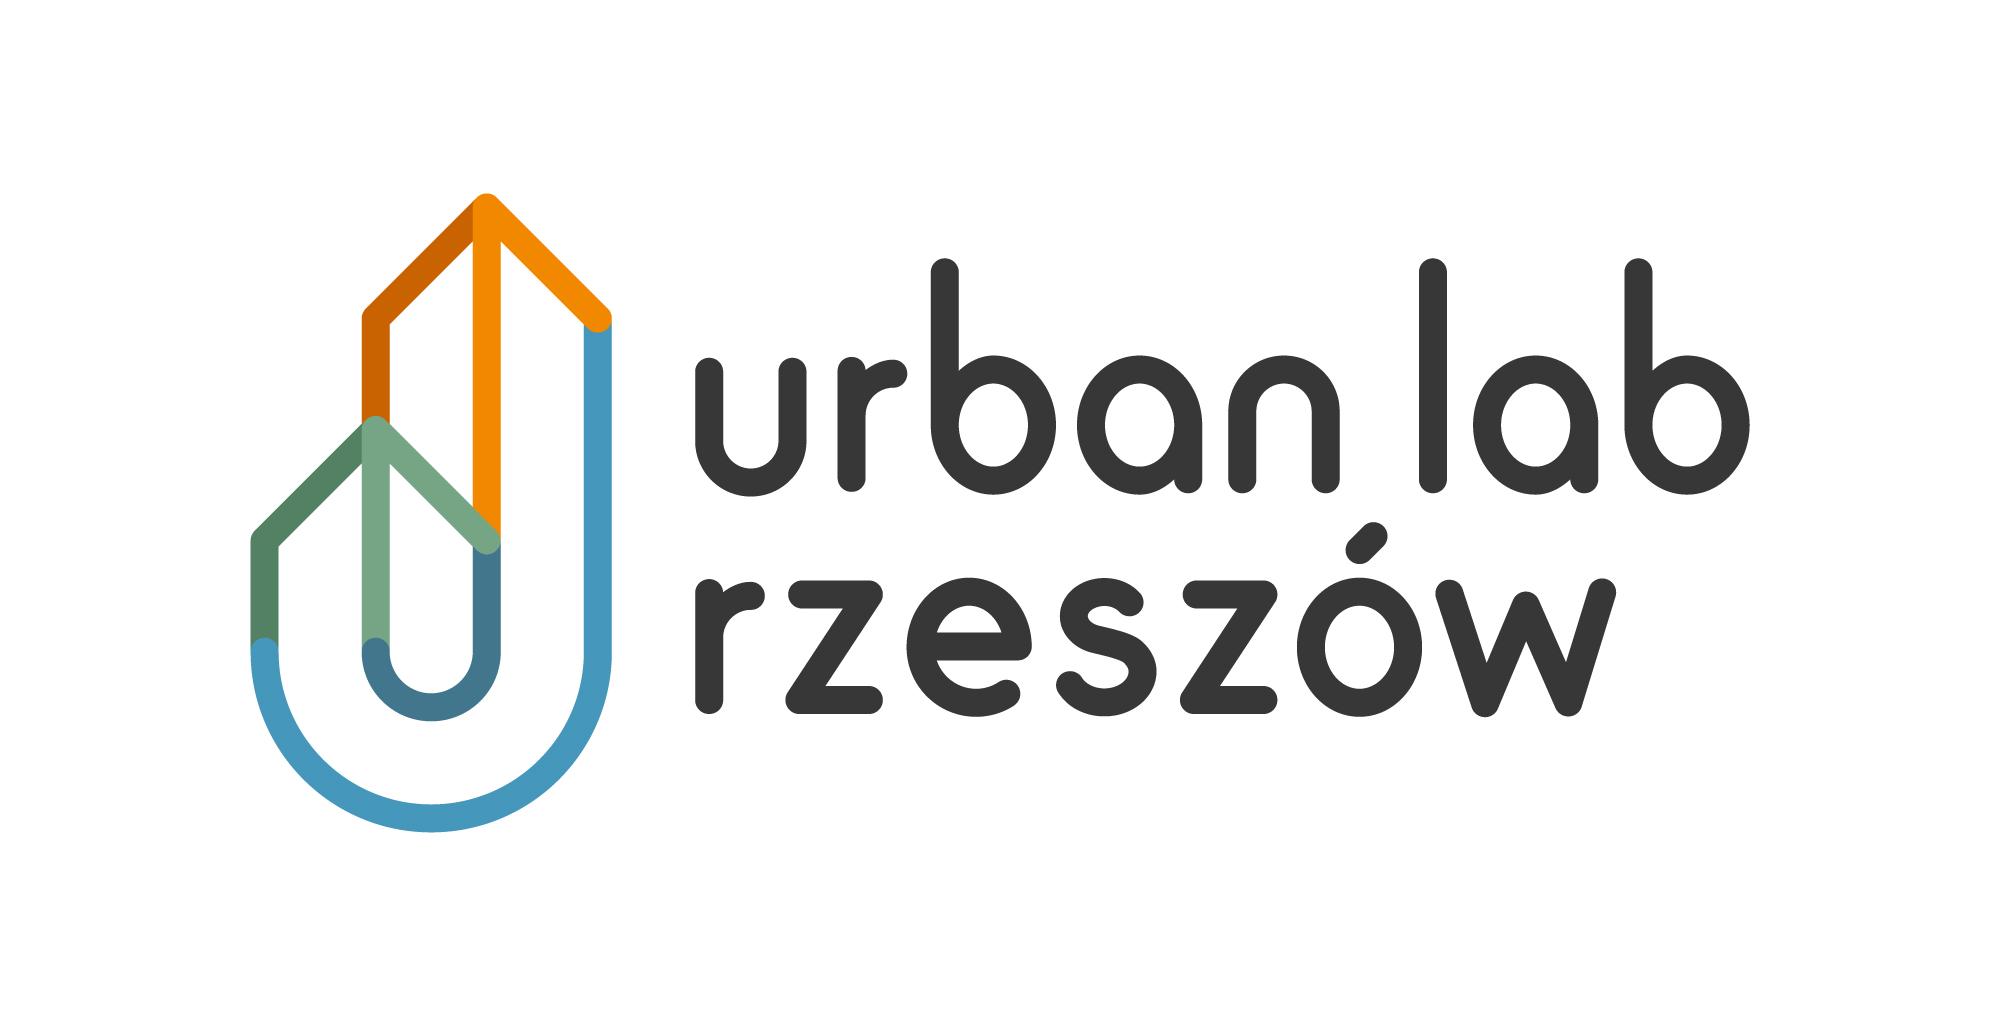 UrbanLabRzeszow_LOGO